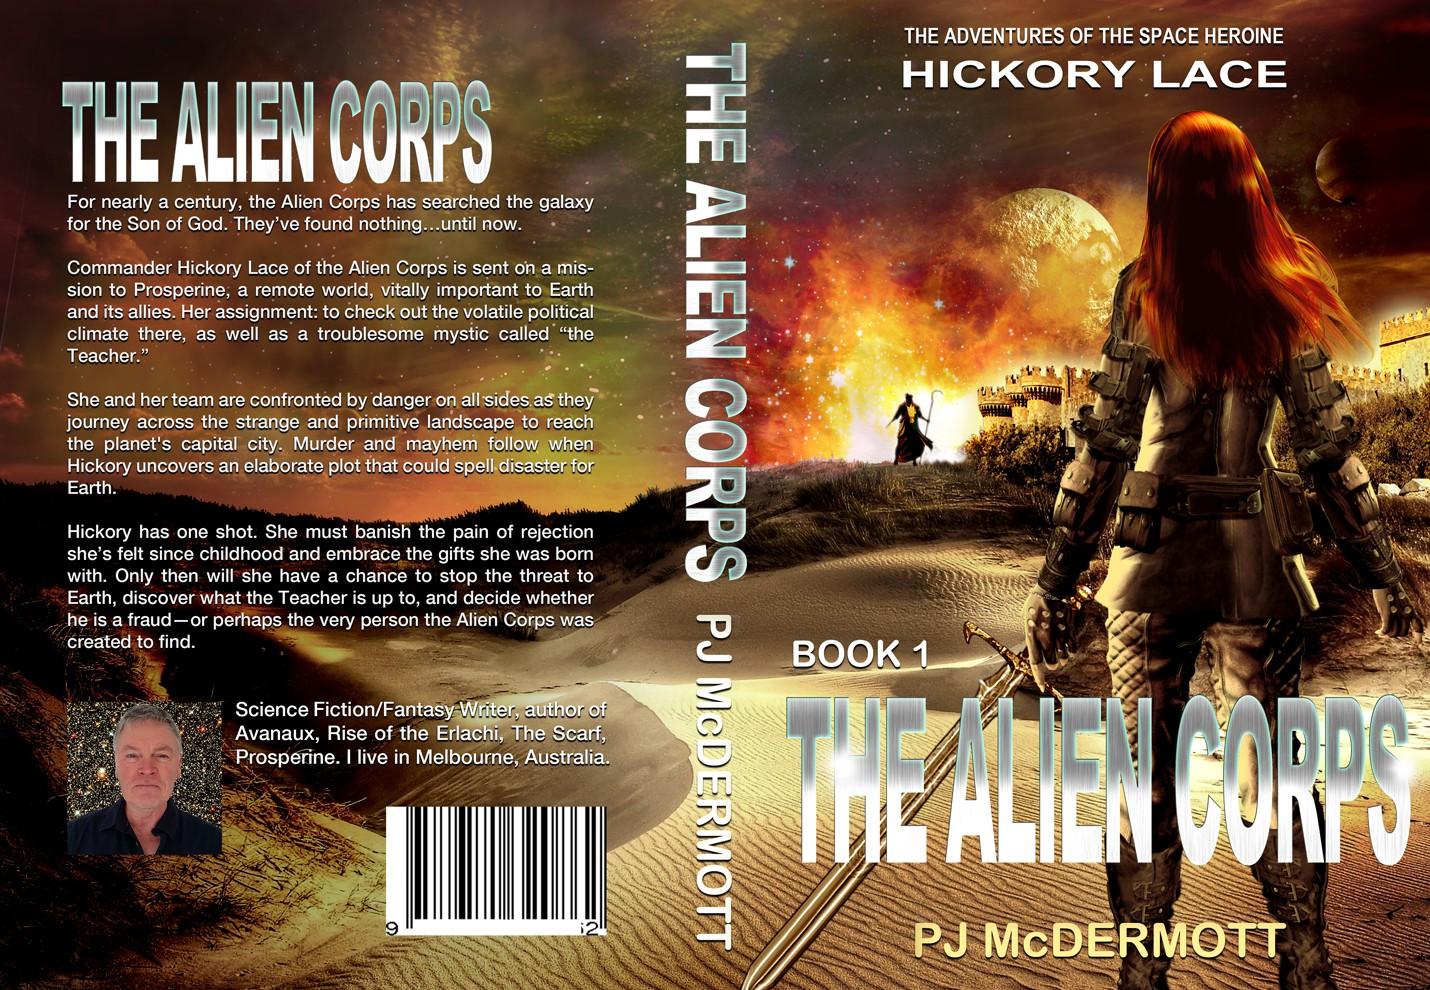 New cover design for unique scifi story